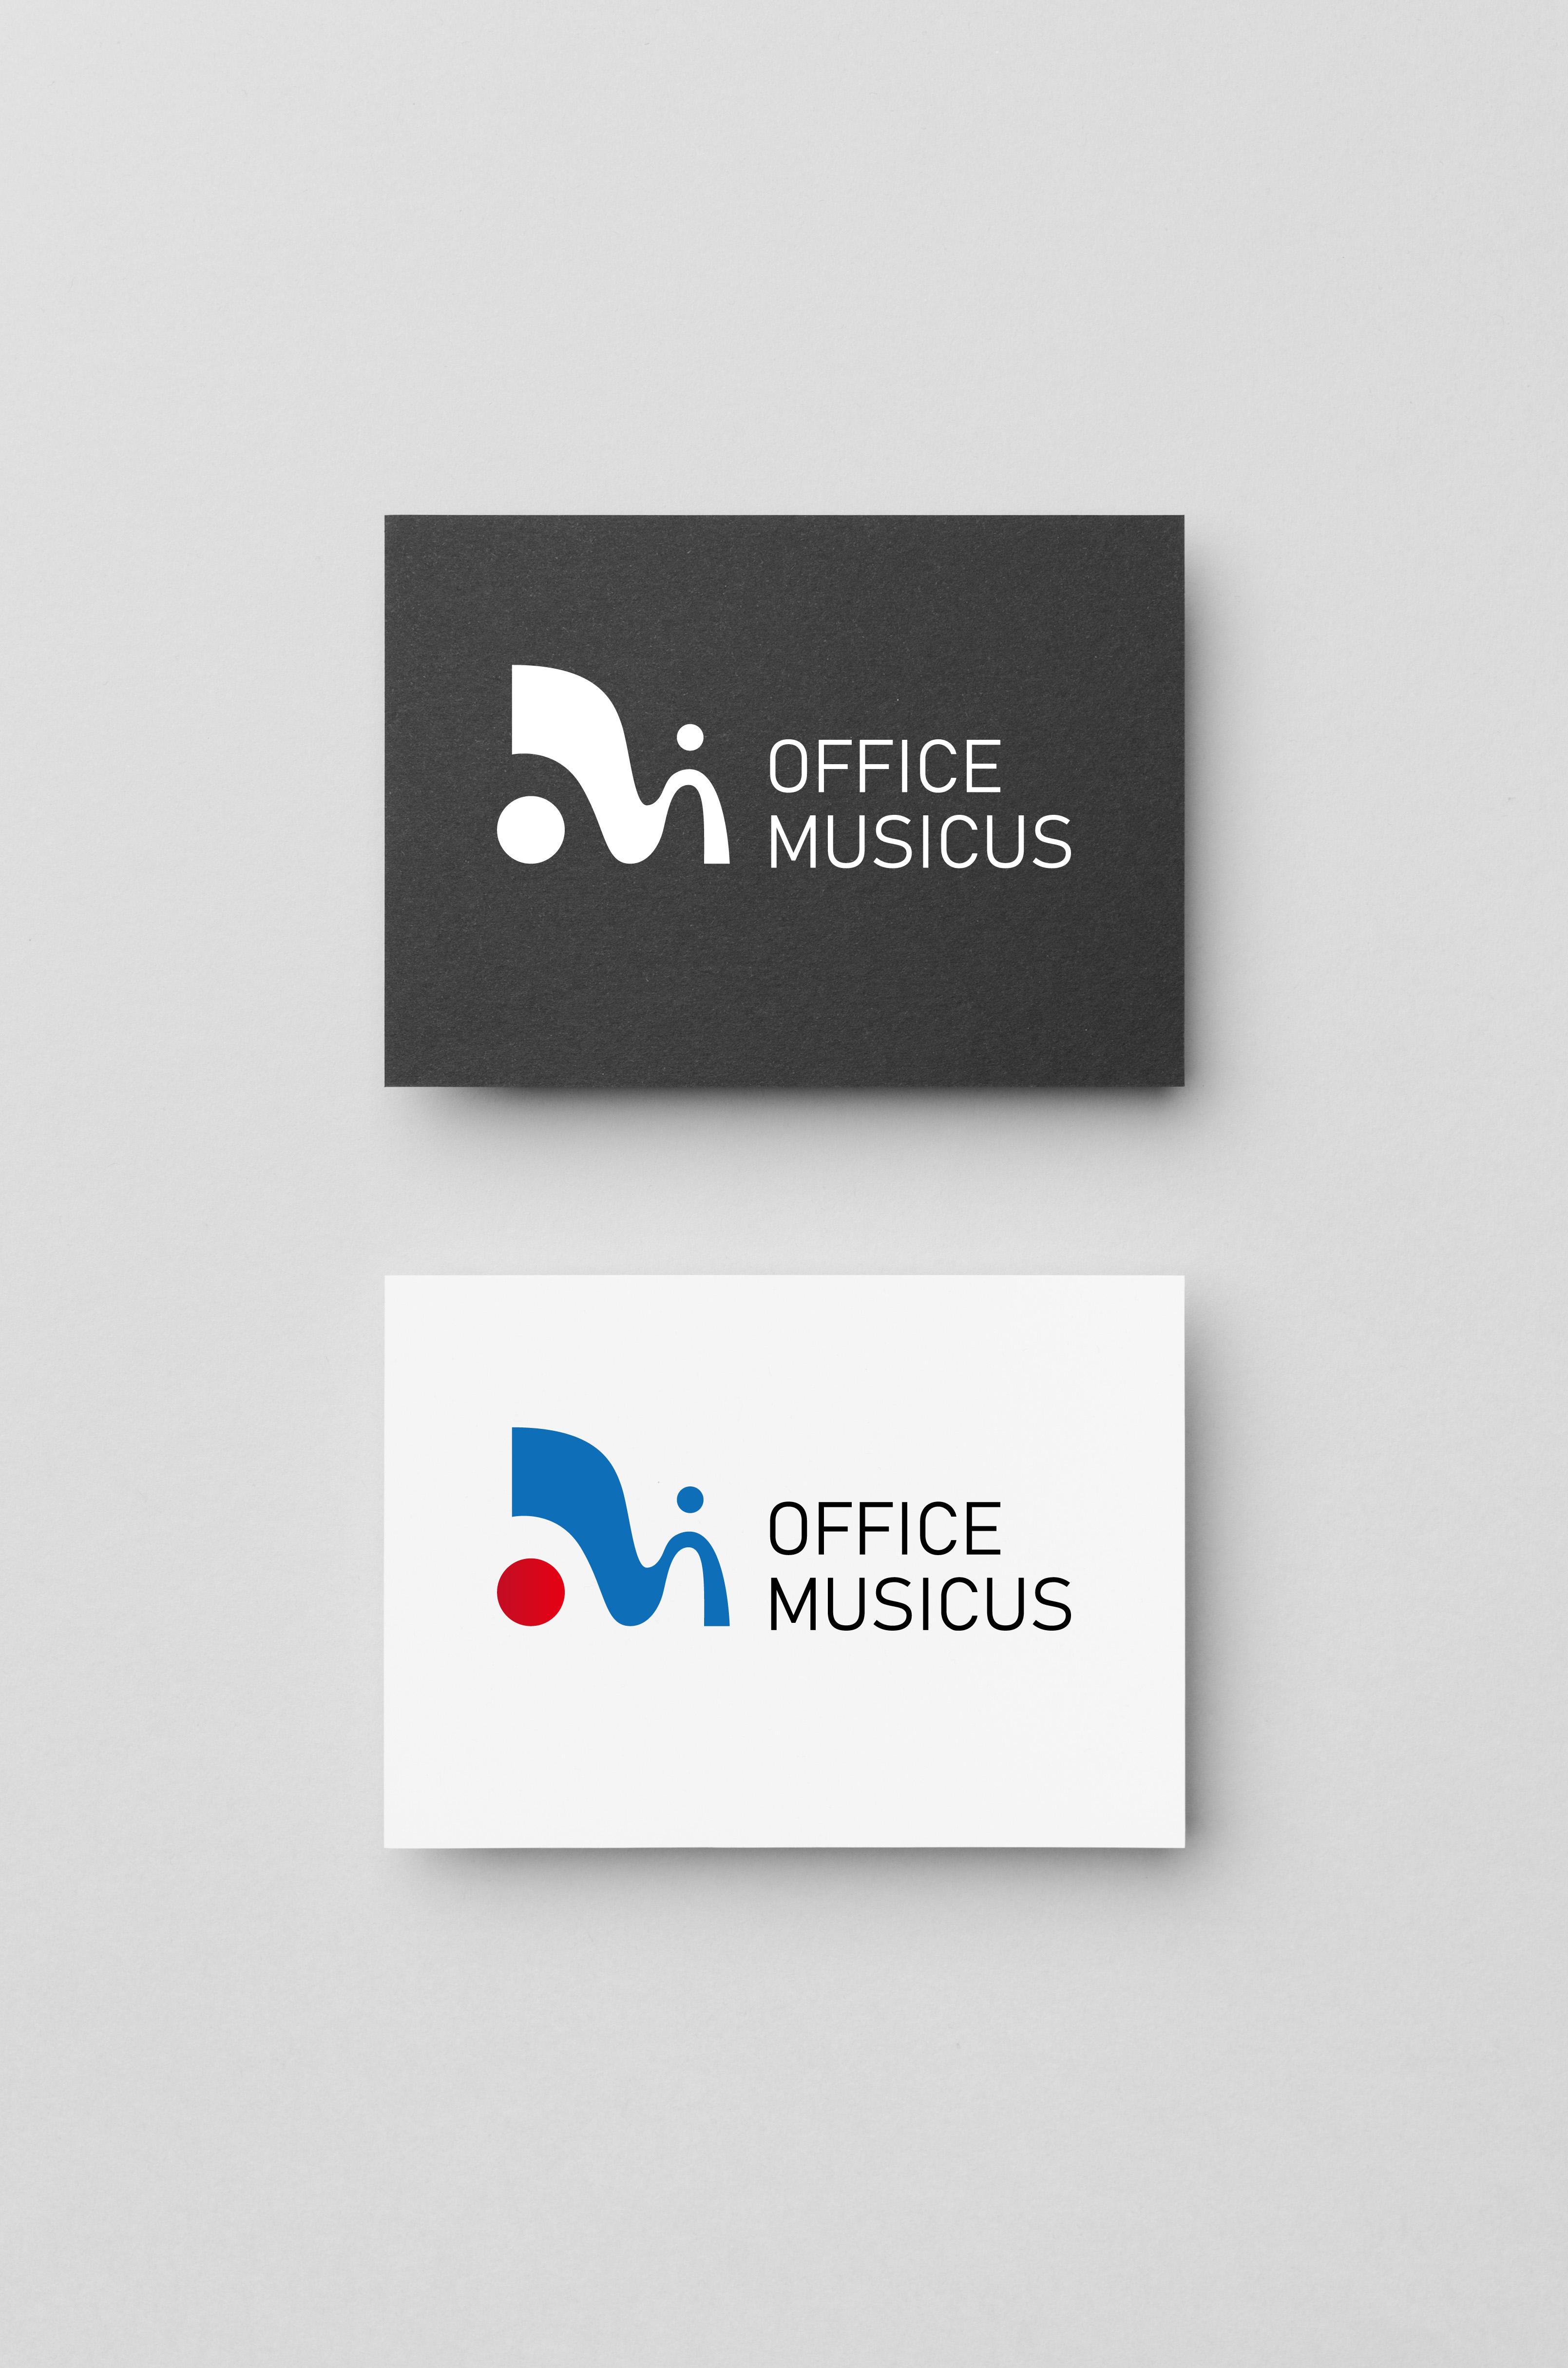 一般社団法人OFFICE MUSICUS